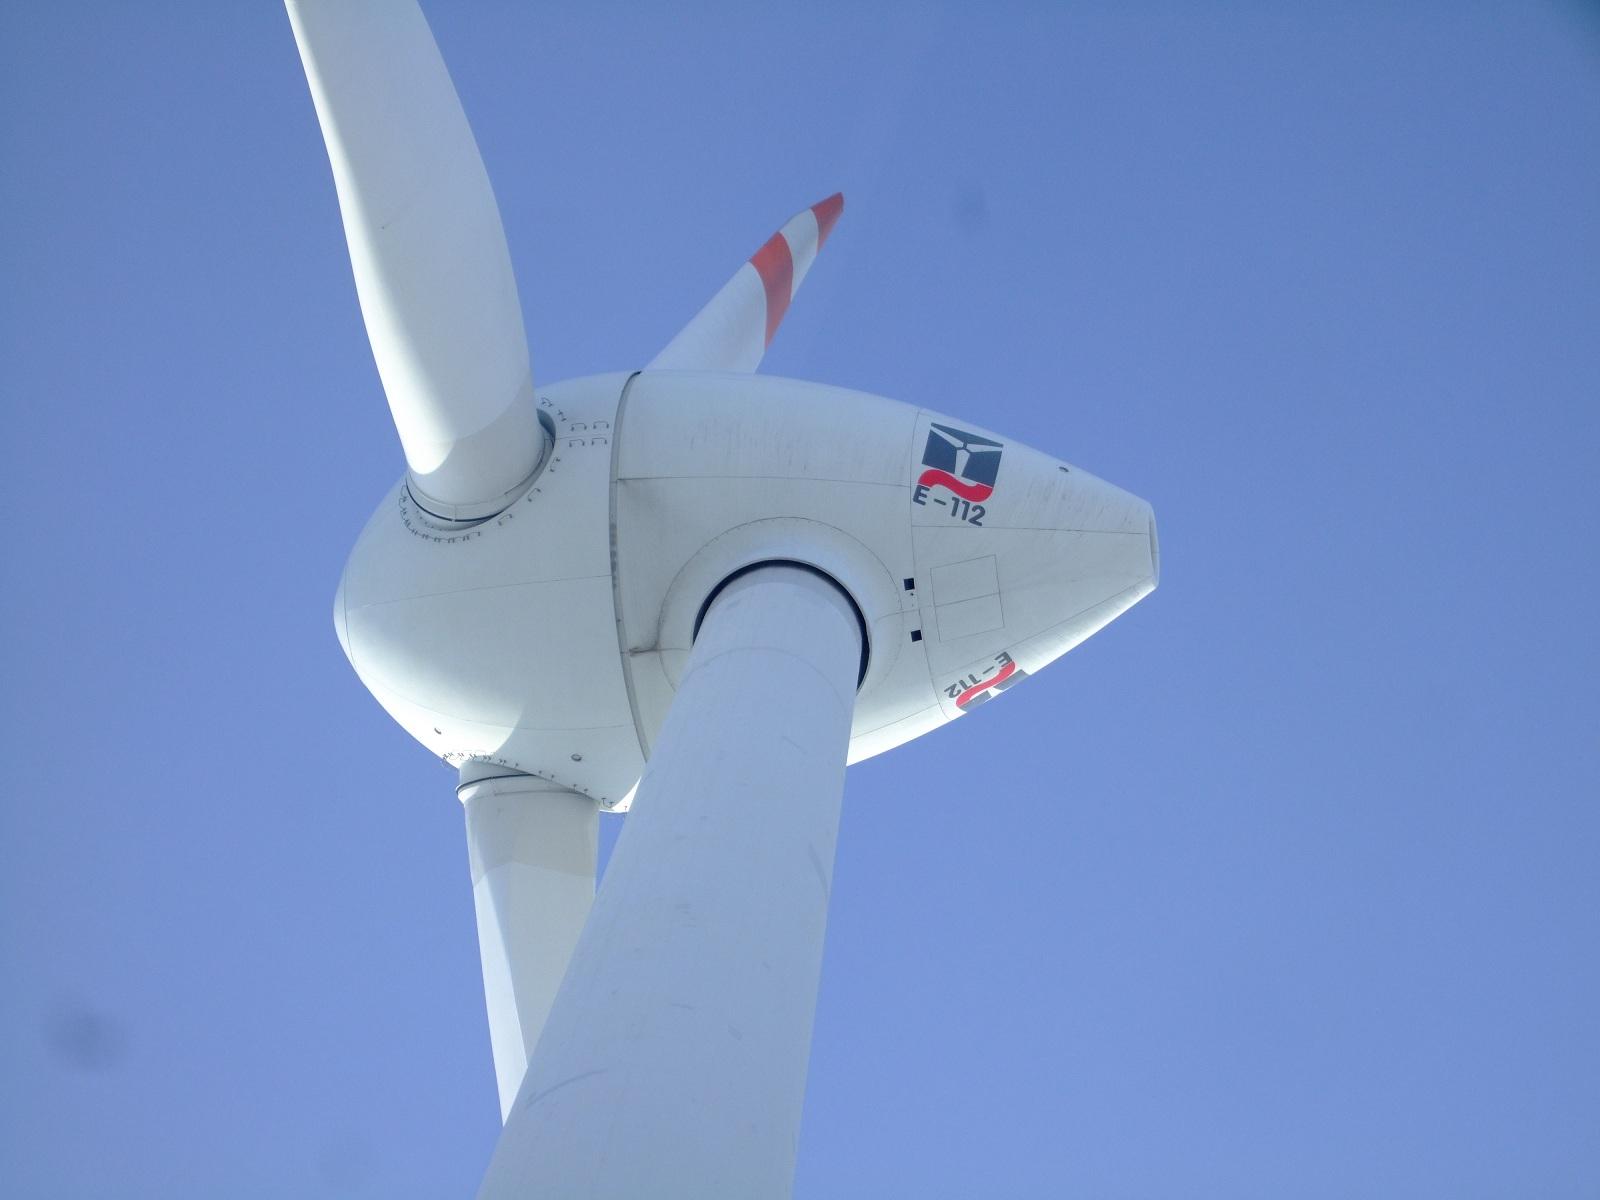 Eólica: Nuevo parque eólico con aerogeneradores de Enercon en Québec